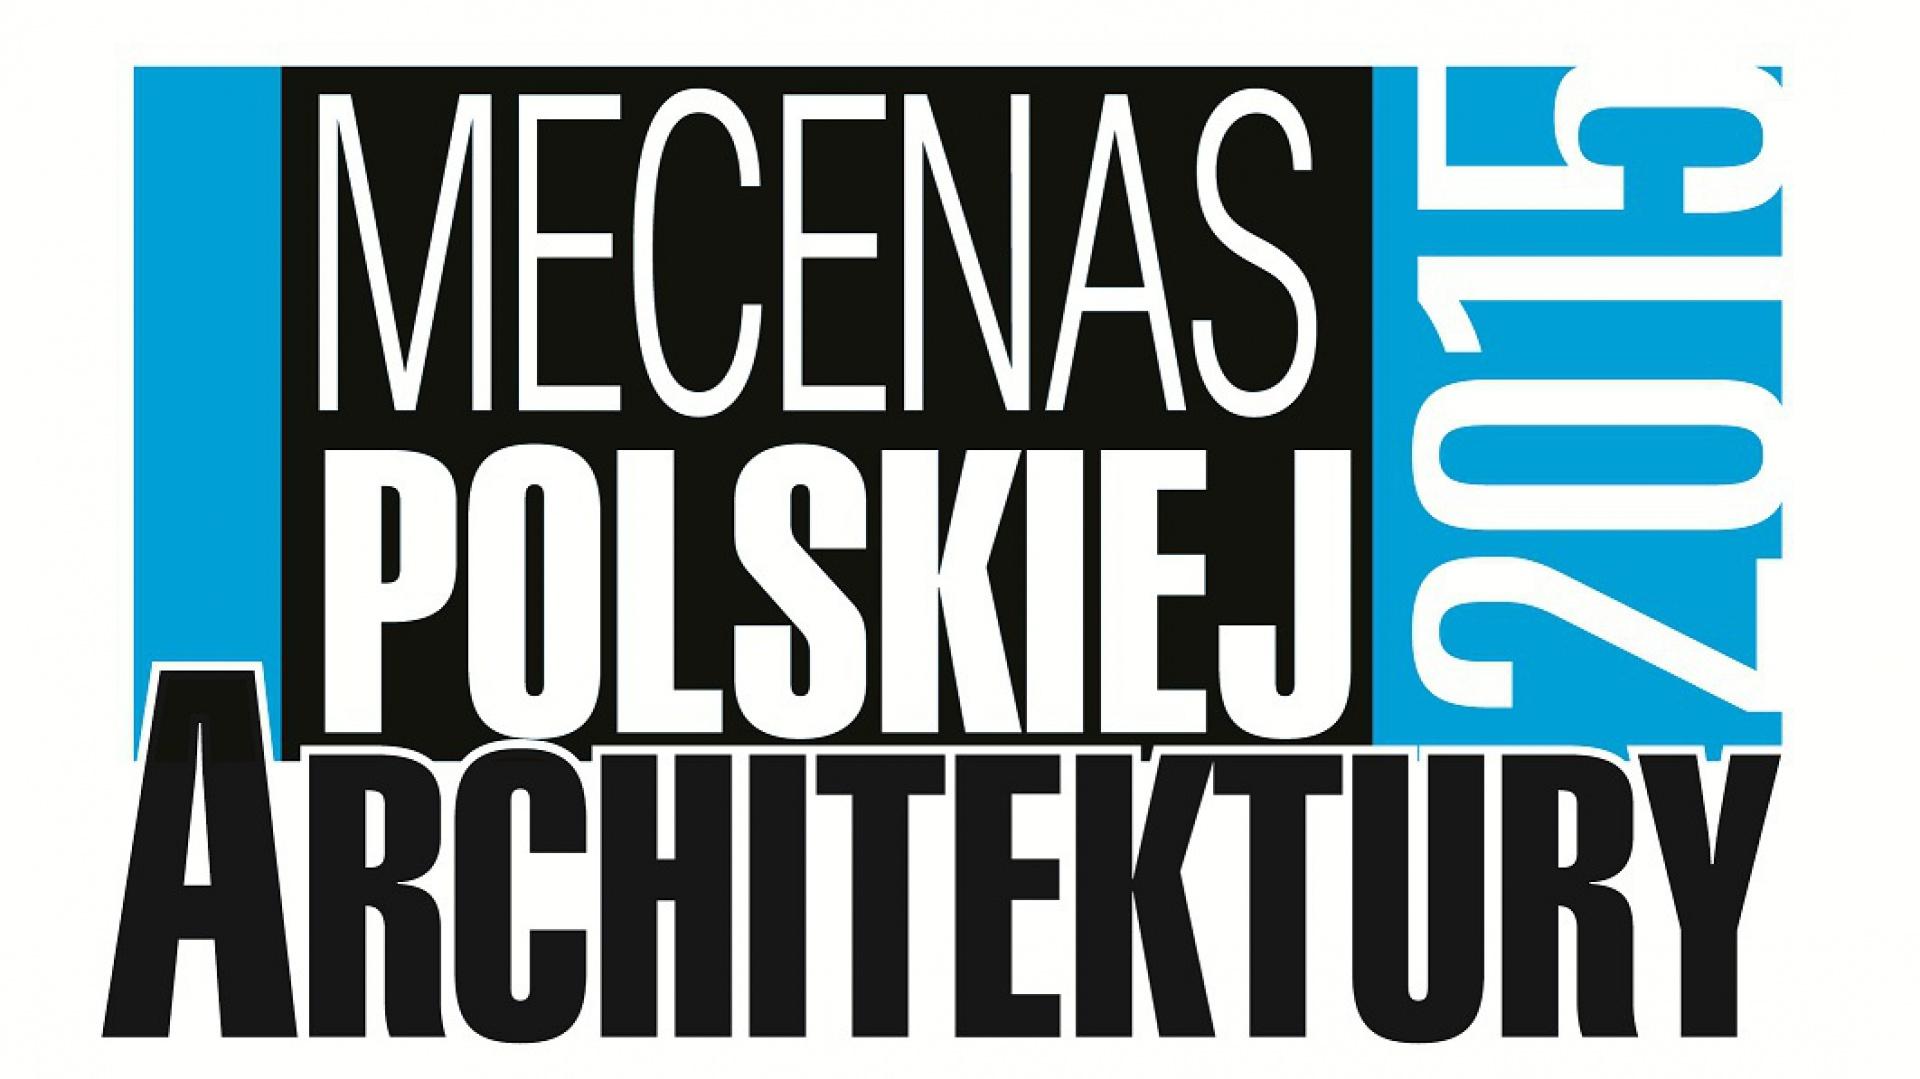 Konkurs przeznaczony jest dla studentów oraz absolwentów kierunków architektura i urbanistyka. Termin nadsyłania zgłoszeń do konkursu mija 30 czerwca 2015 roku. Fot. Plakat konkursowy